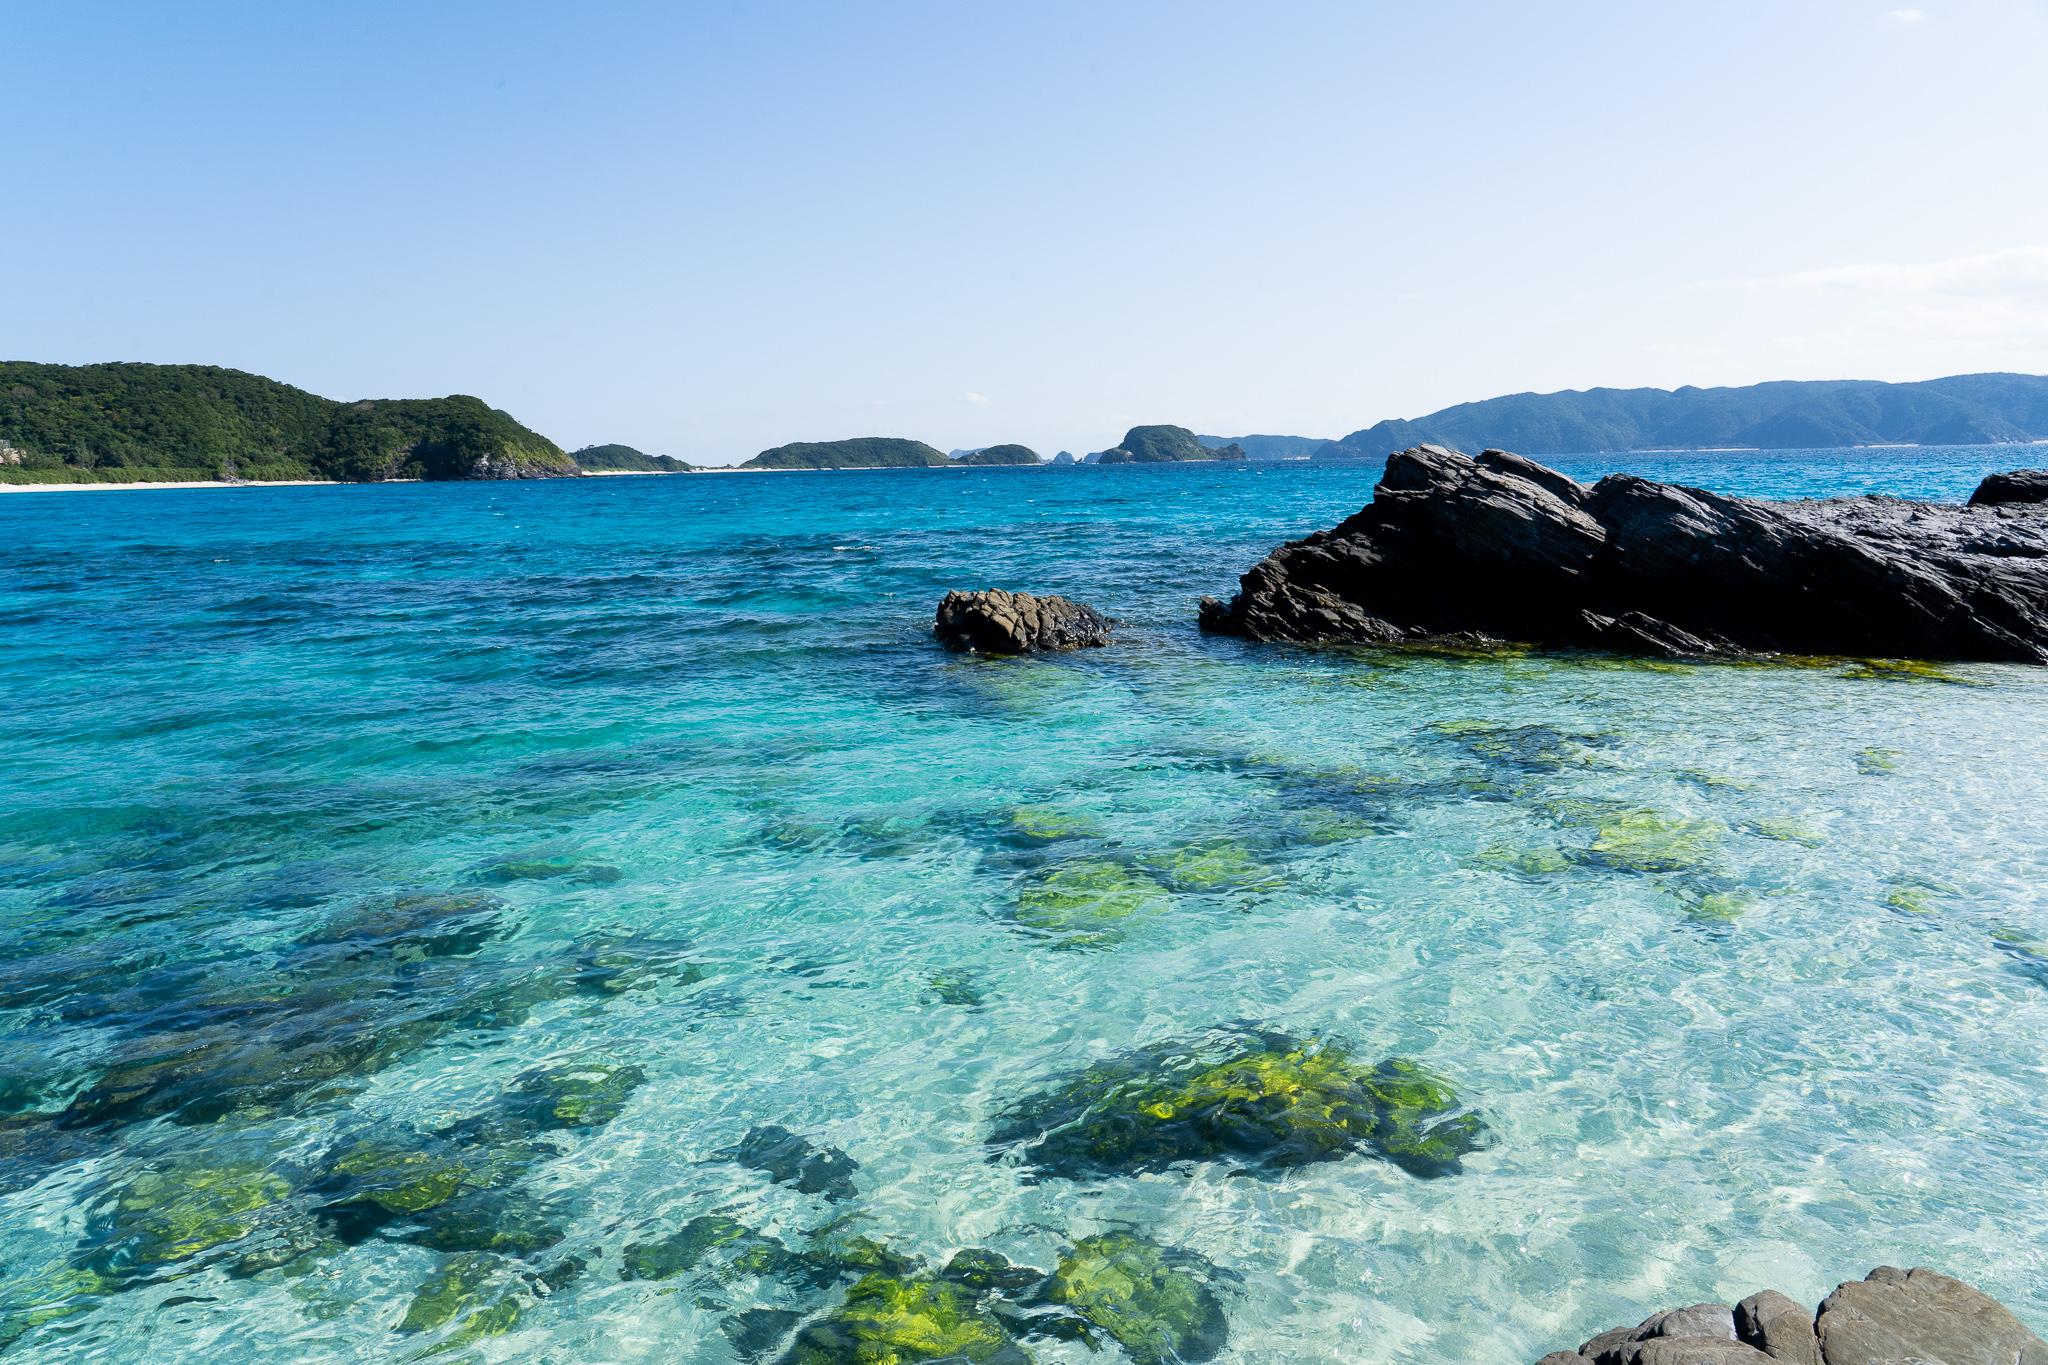 ケラマブルーを見に行ったら、悩み事とかどうでもよくなった話@沖縄「古座間味ビーチ」